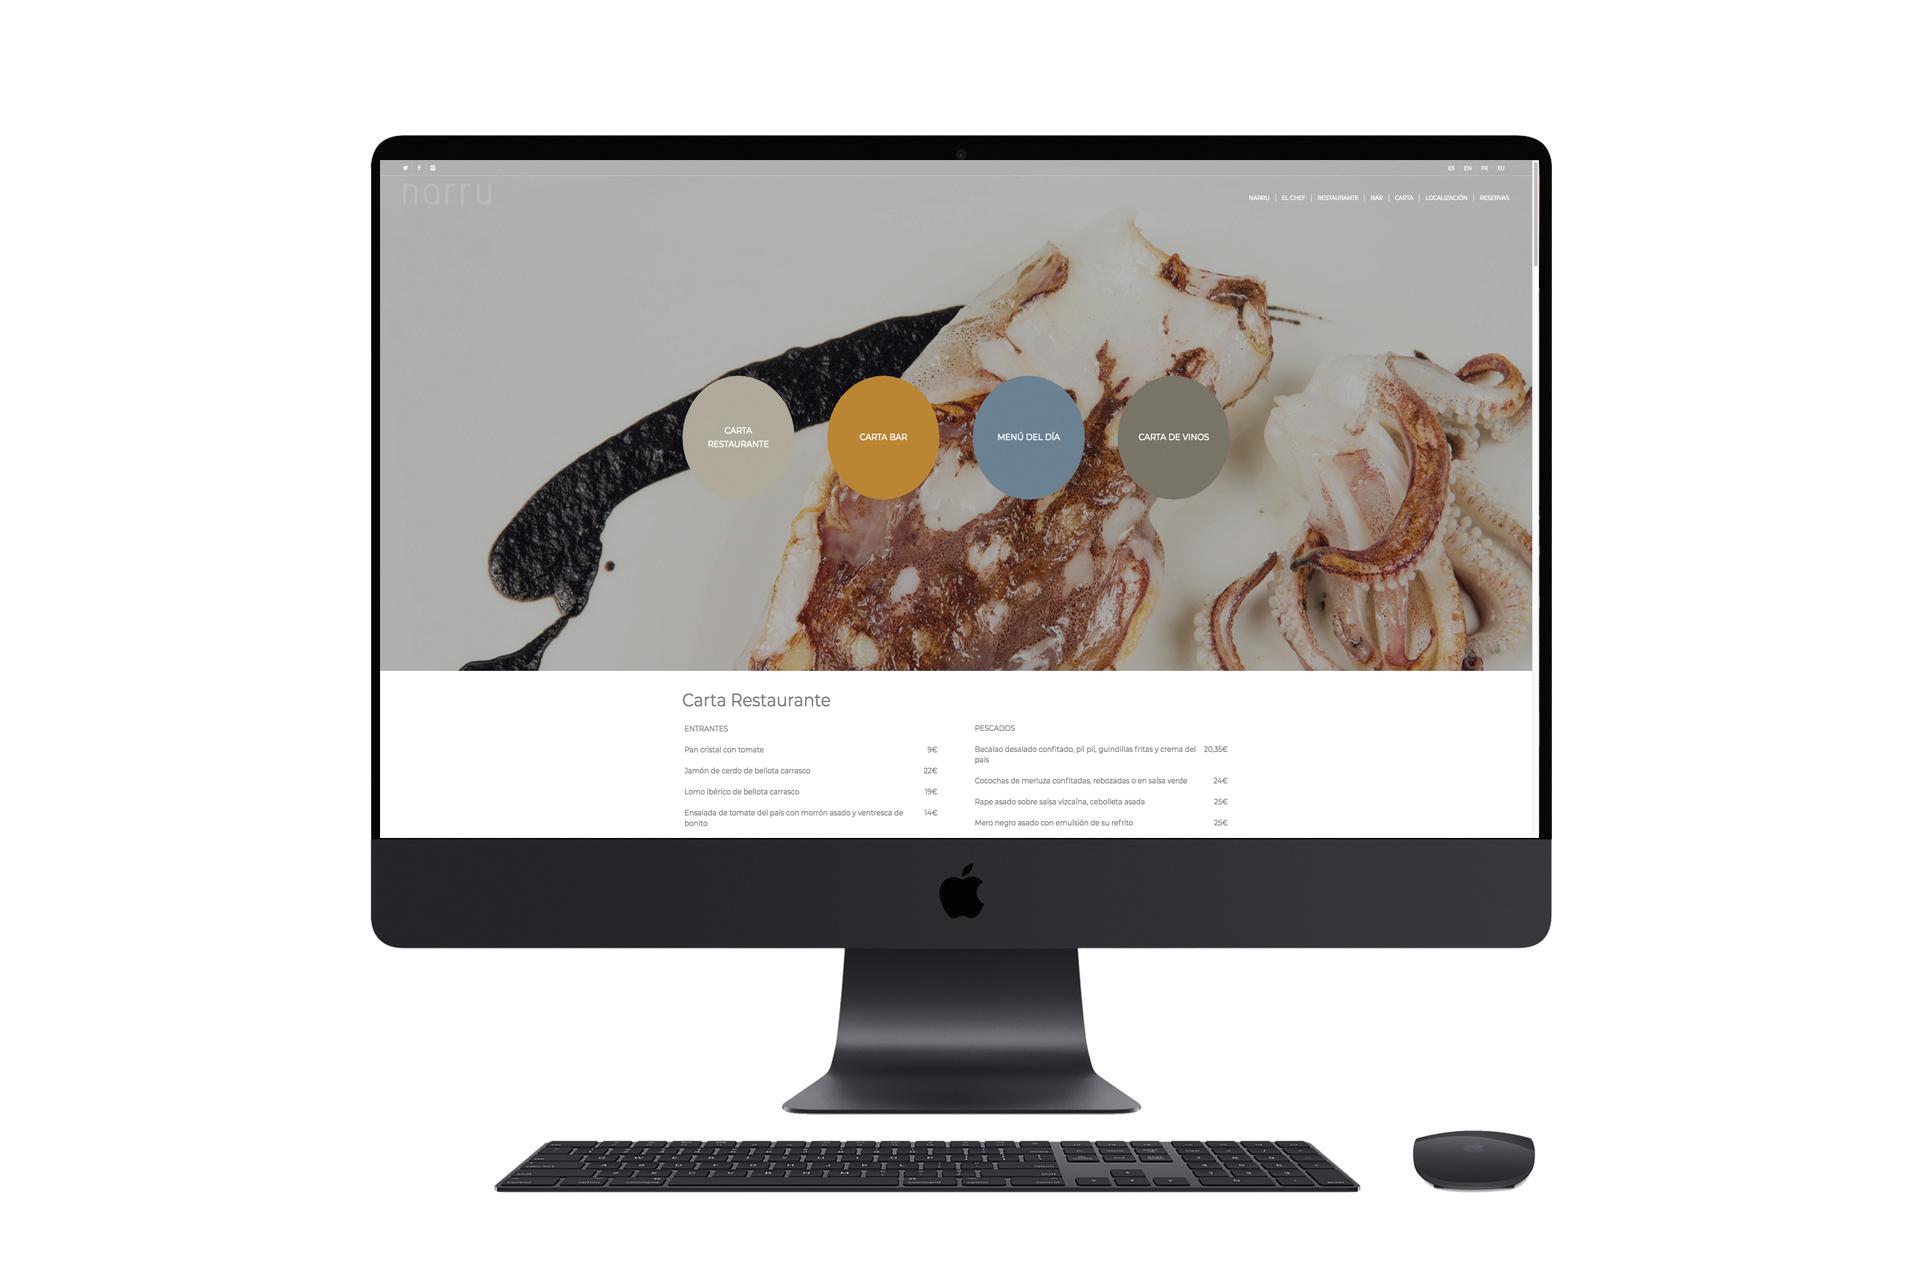 Importancia de la fotografia profesional en las webs de empresas es vuestra imagen ante potenciales clientes